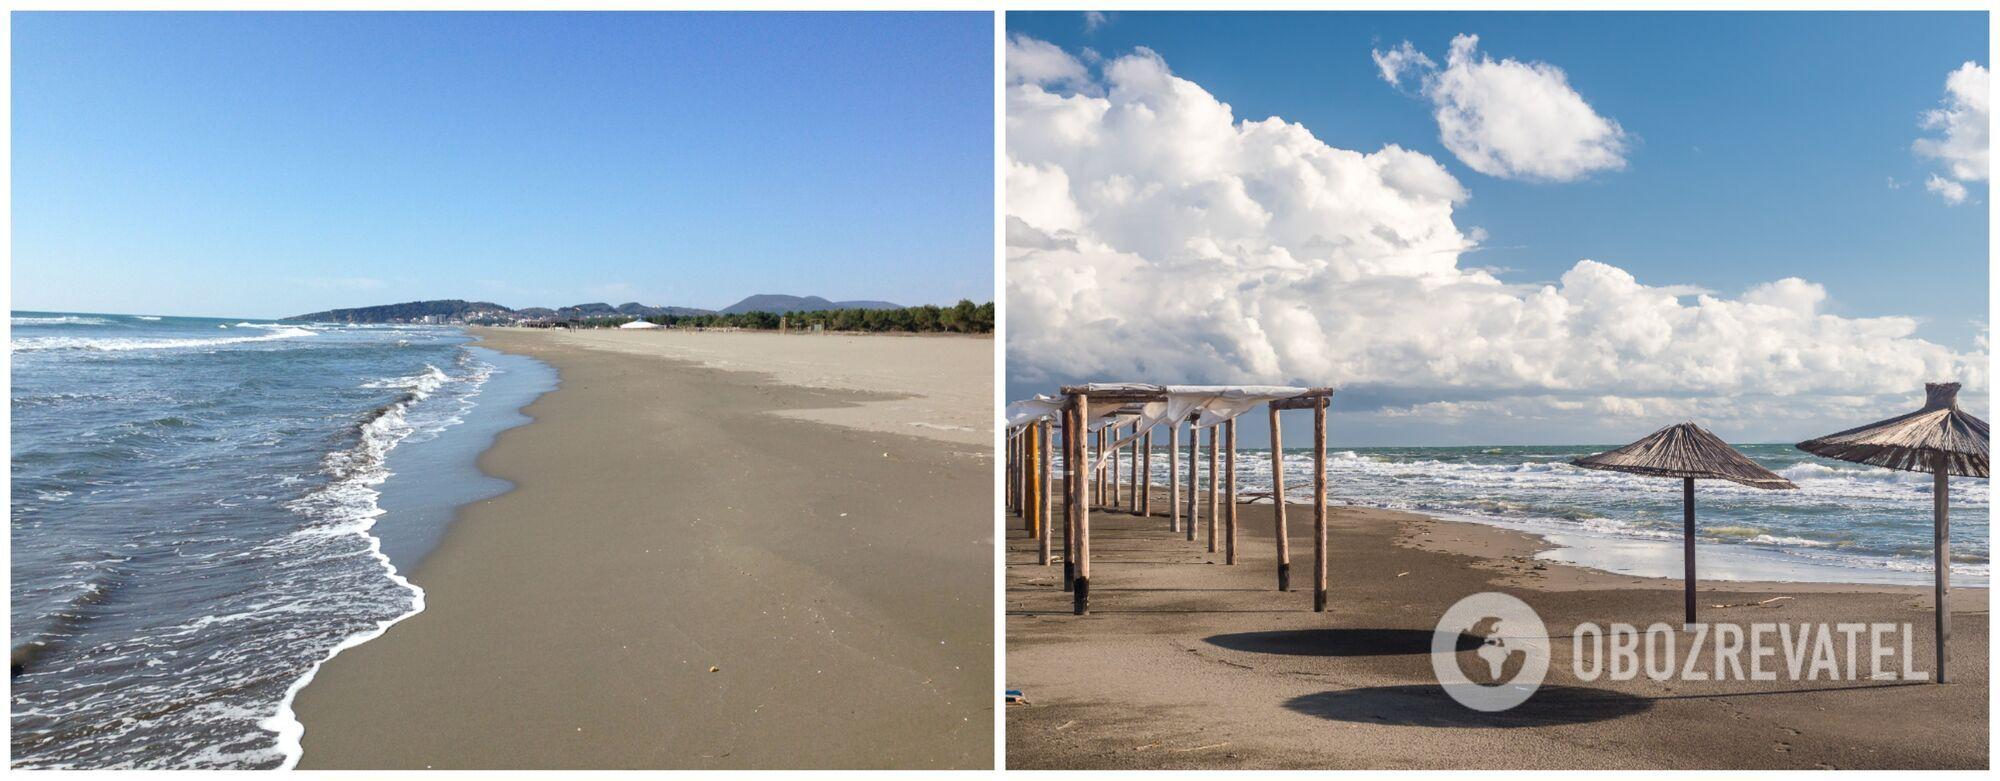 Черногорский пляж Копакабана вулканического происхождения